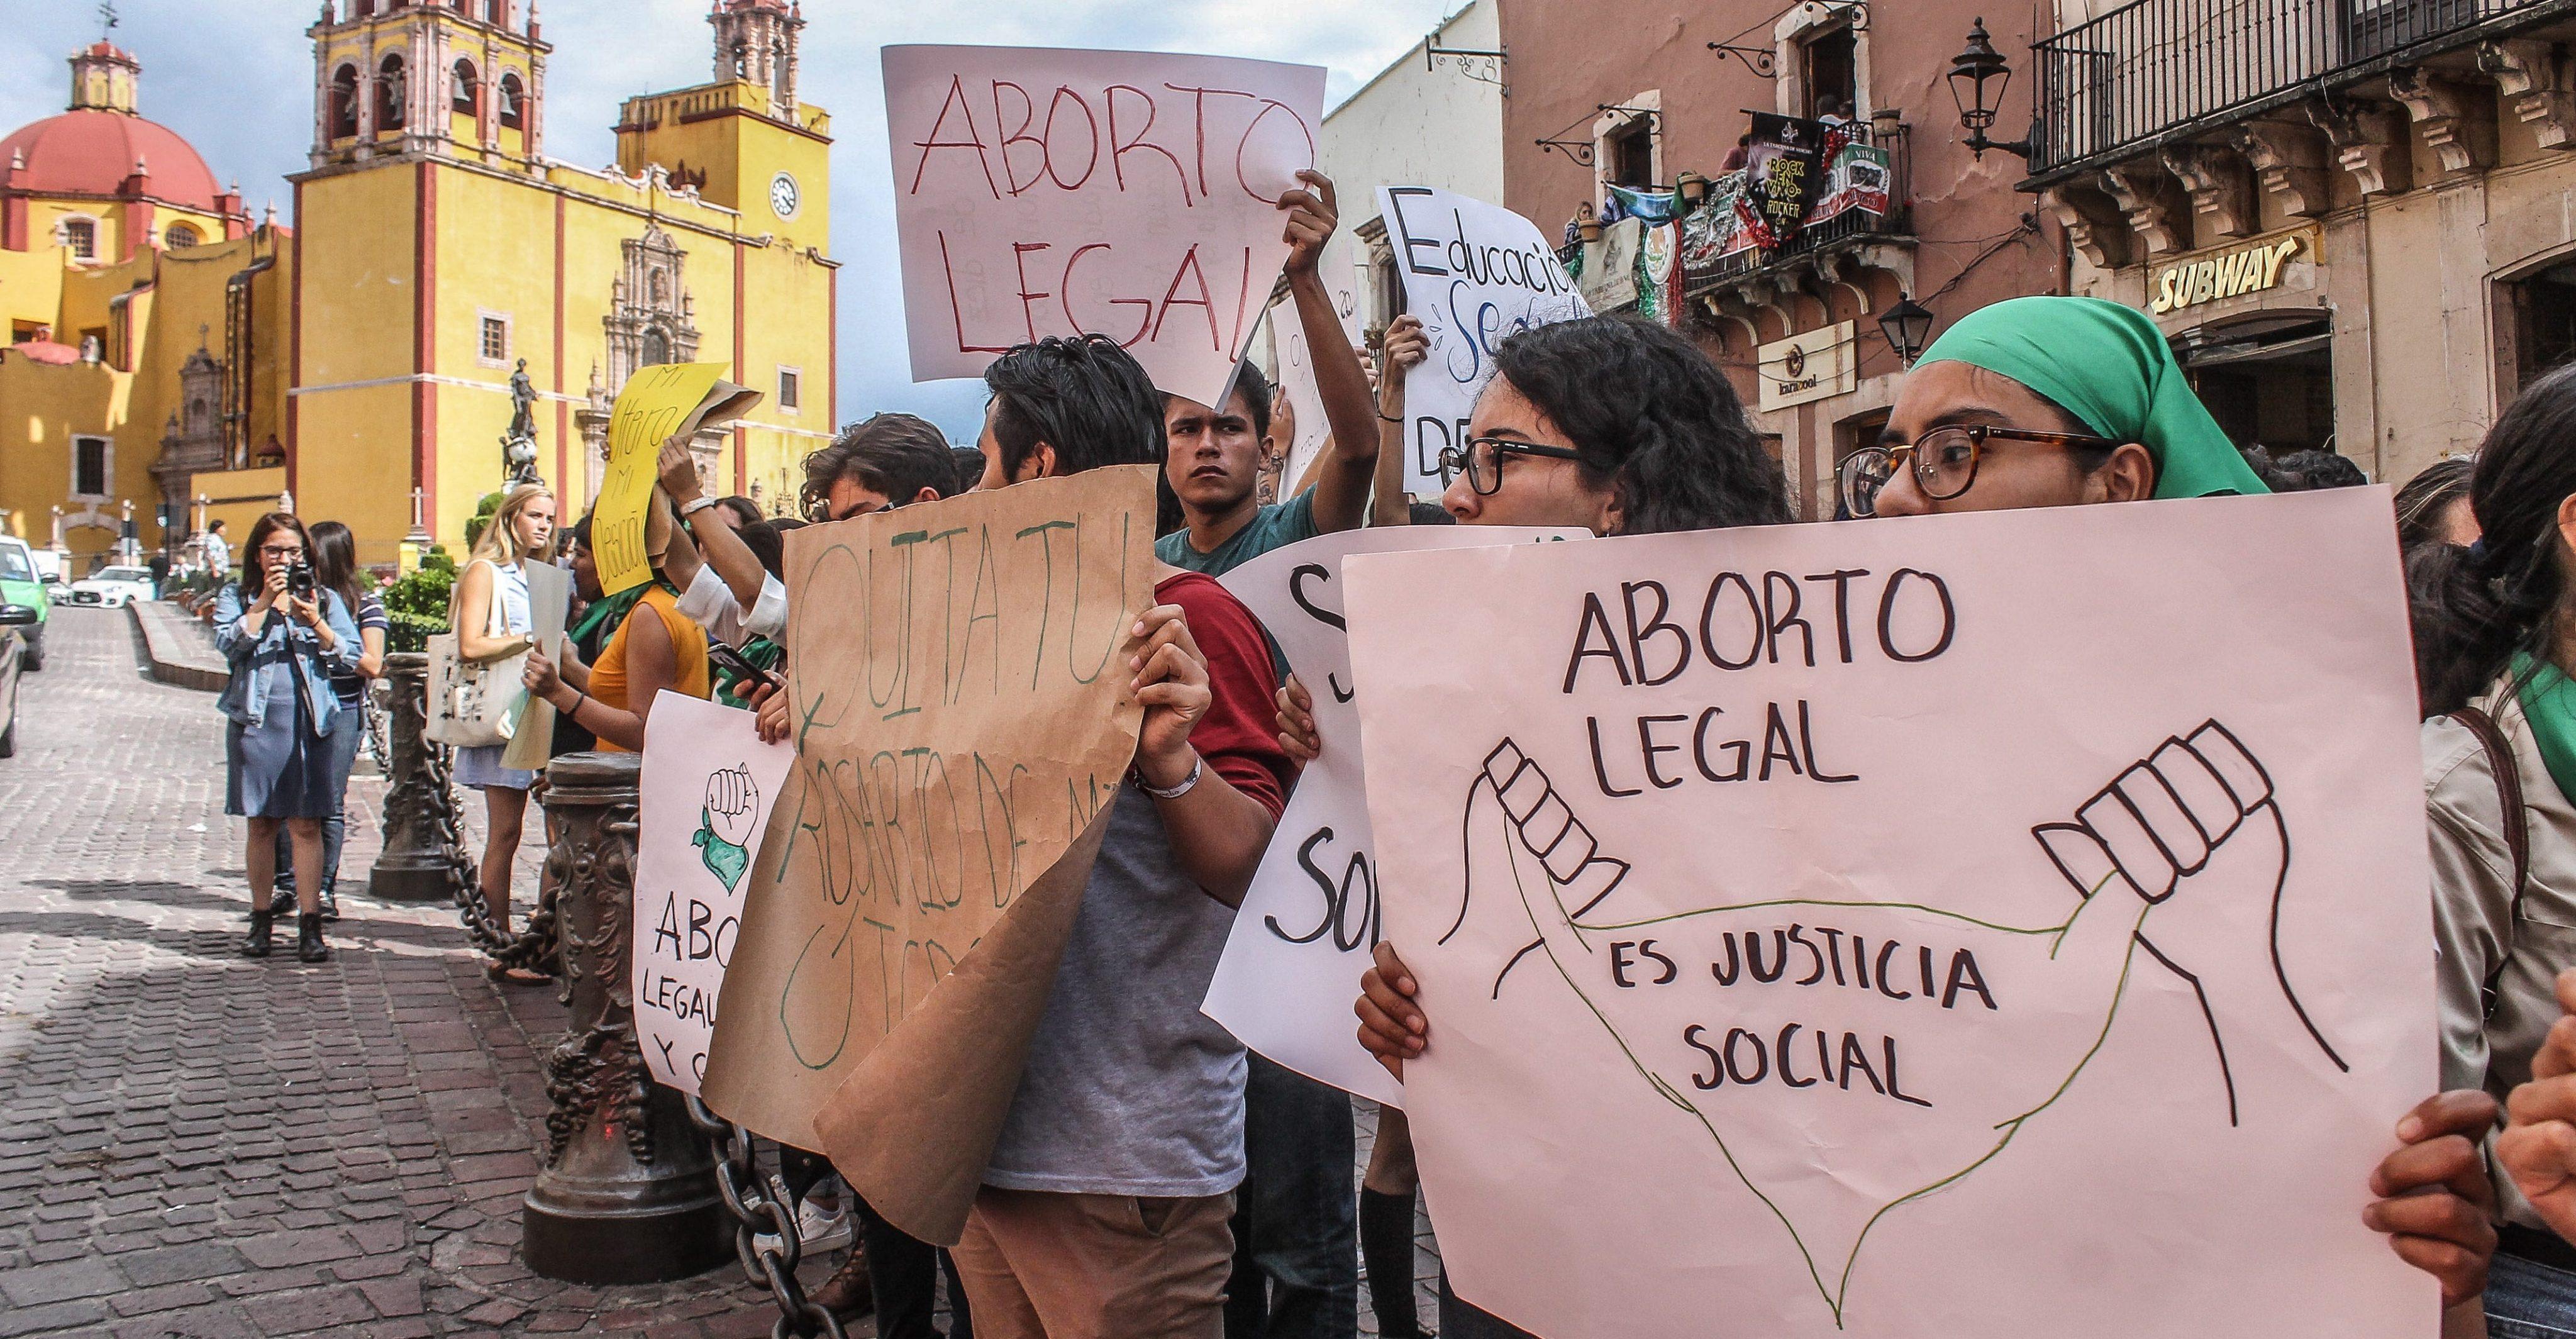 JUEZ ORDENA QUE SE PRACTIQUE ABORTO A NIÑA QUE FUE VIOLADA EN AGUASCALIENTES